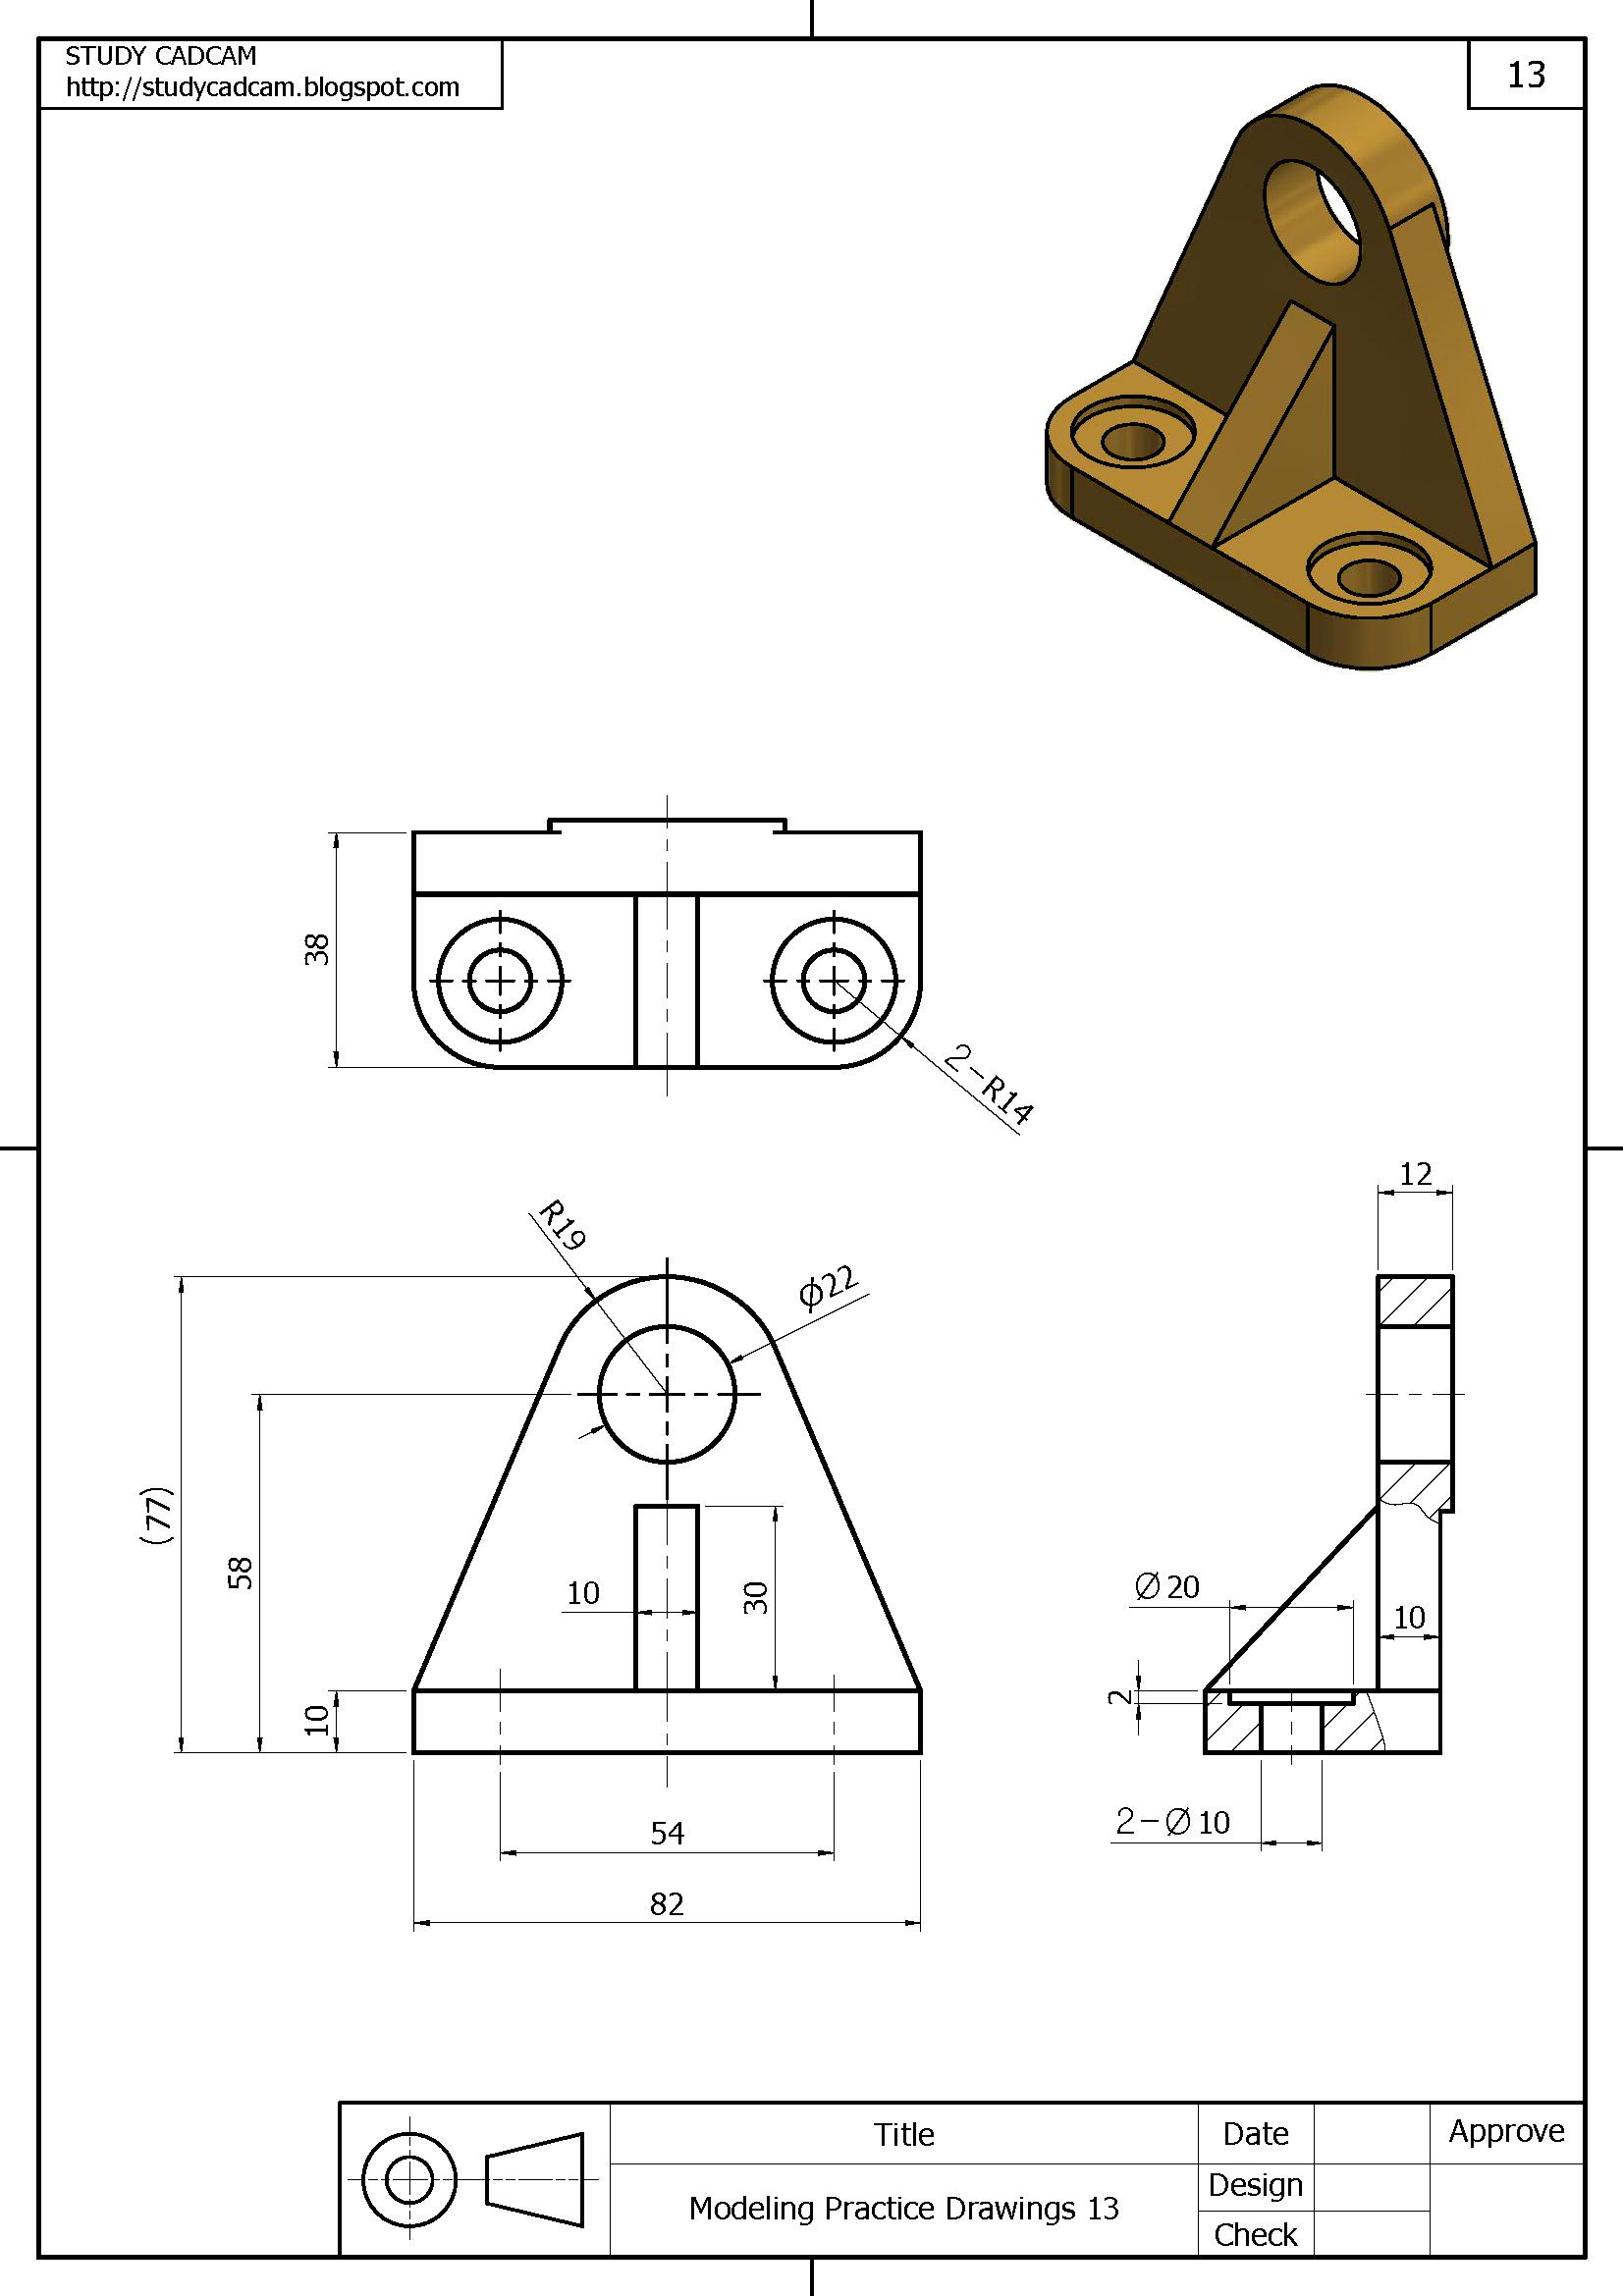 fgnkrsc adlı kullanıcının my drawings panosundaki Pin 3d